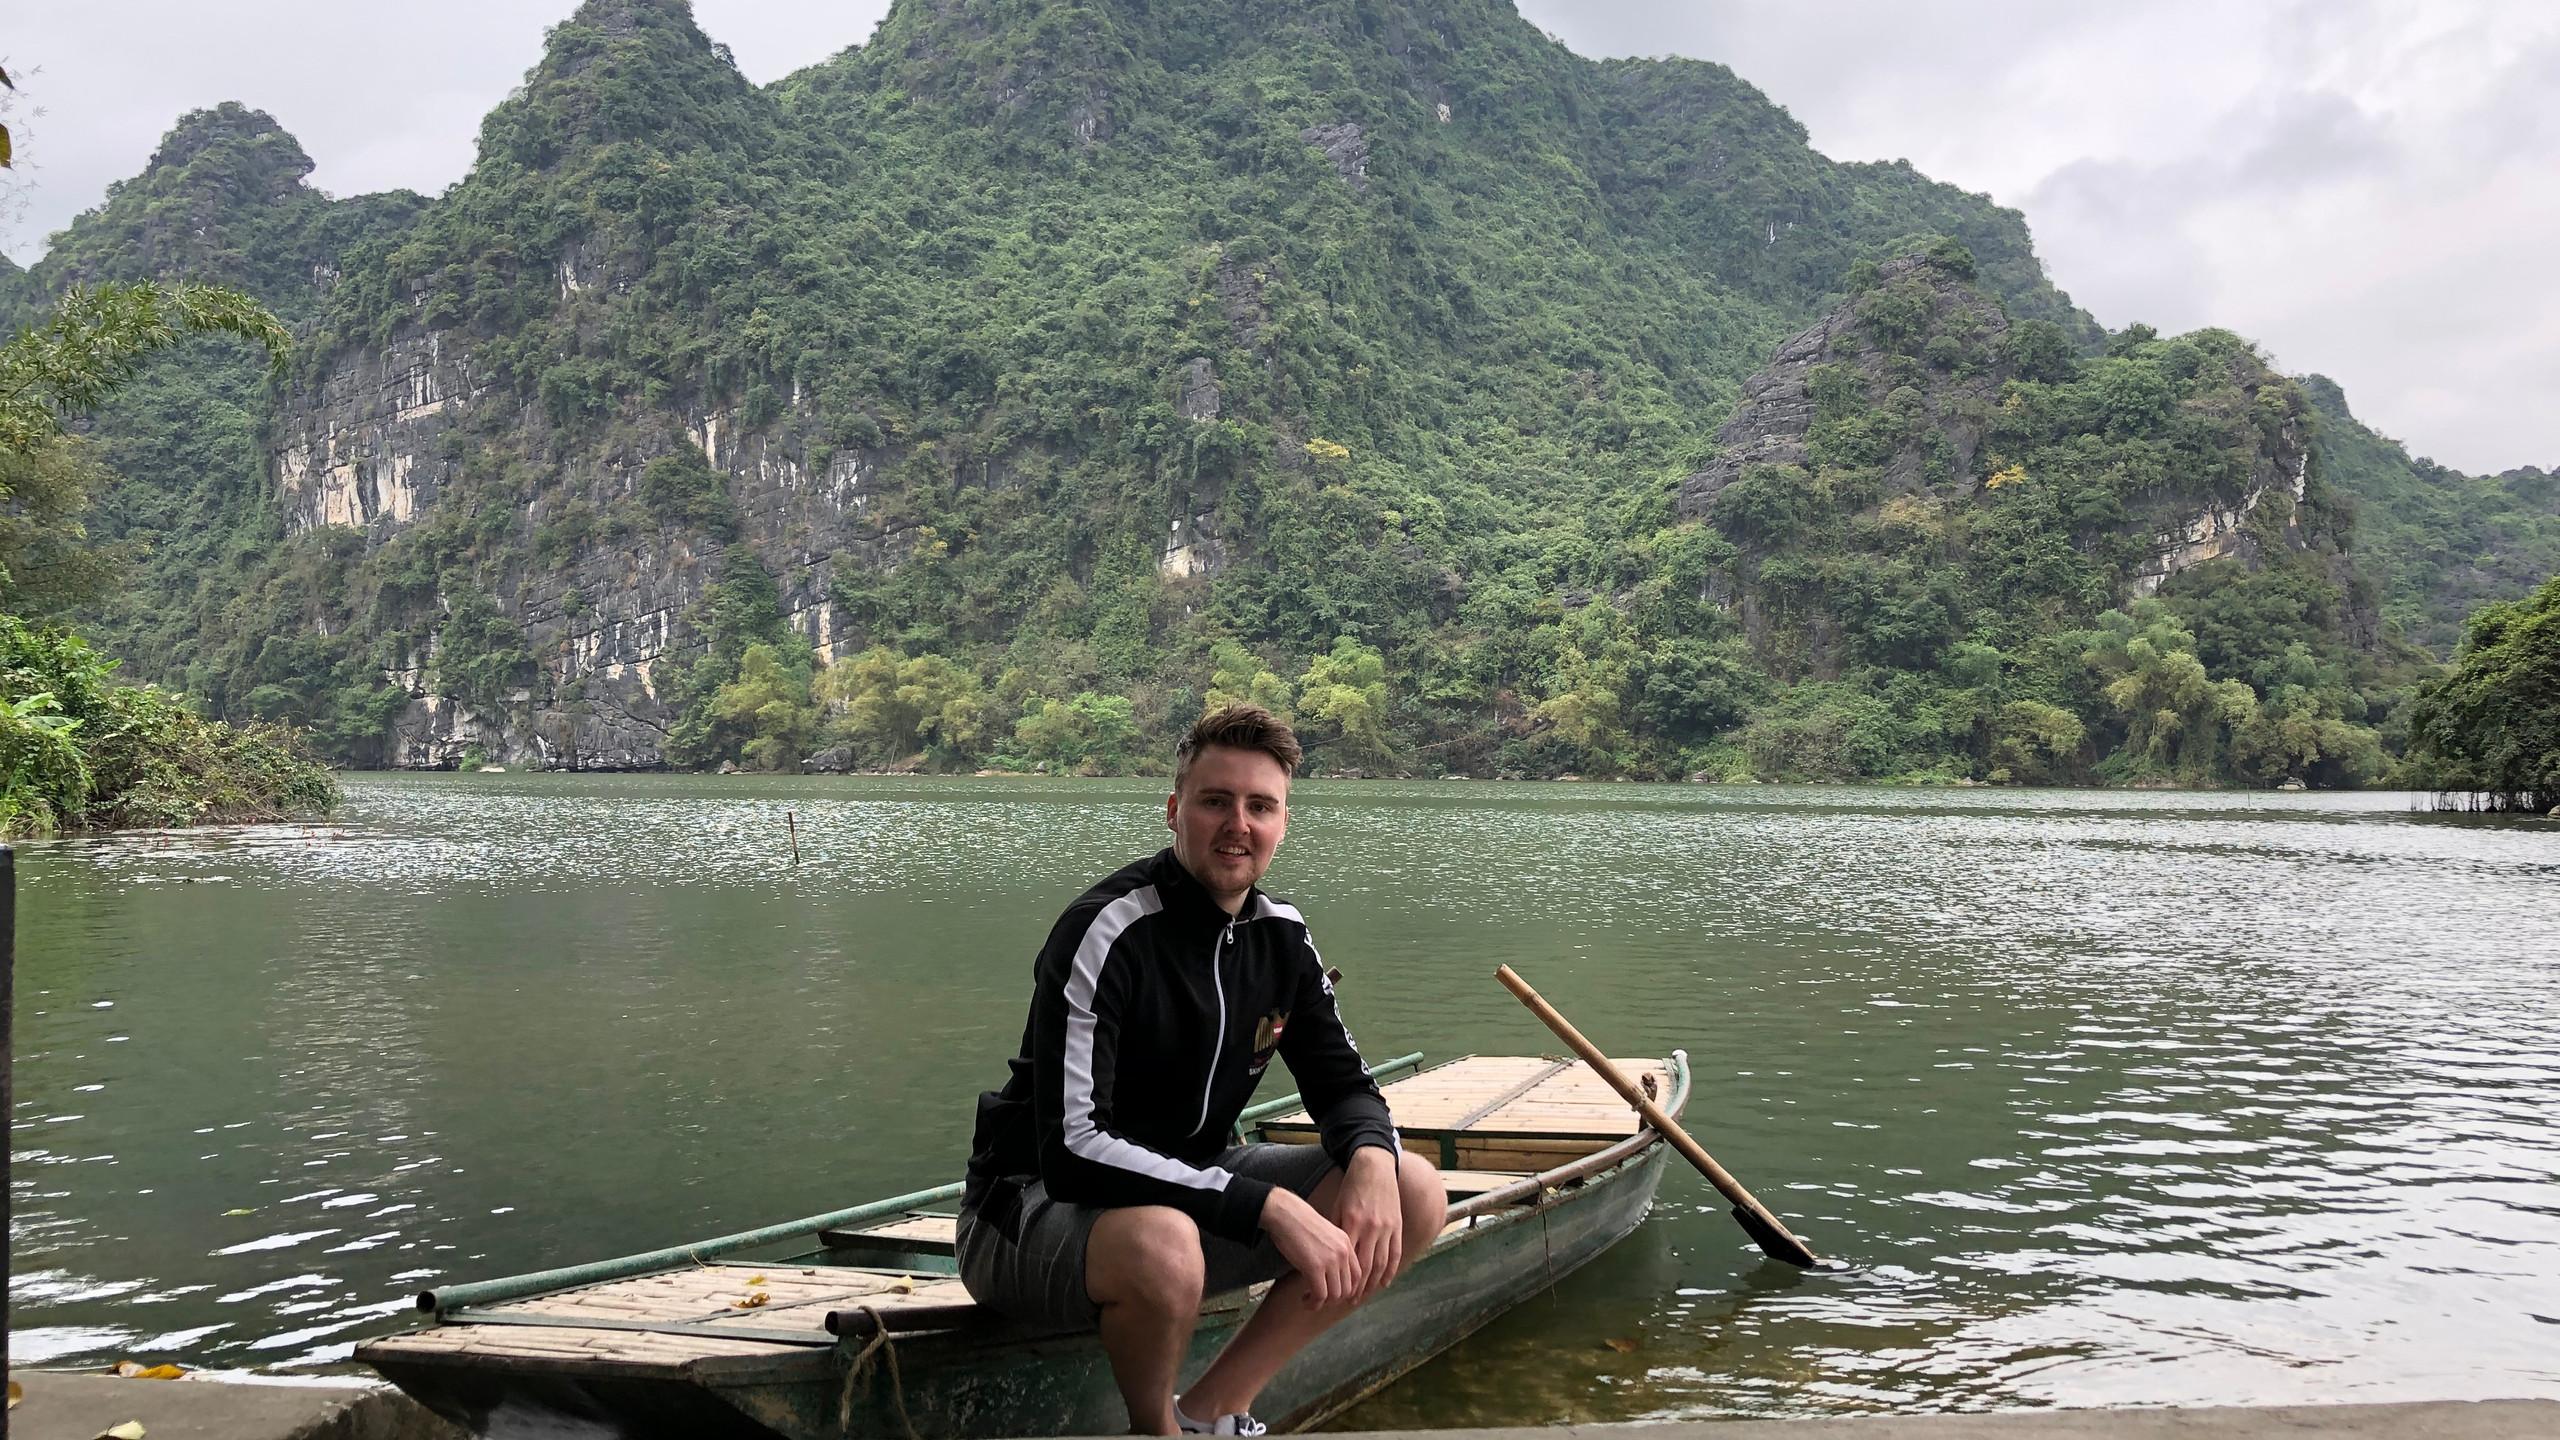 Kalksteinfelsen in dem Fluss Ngo Dong